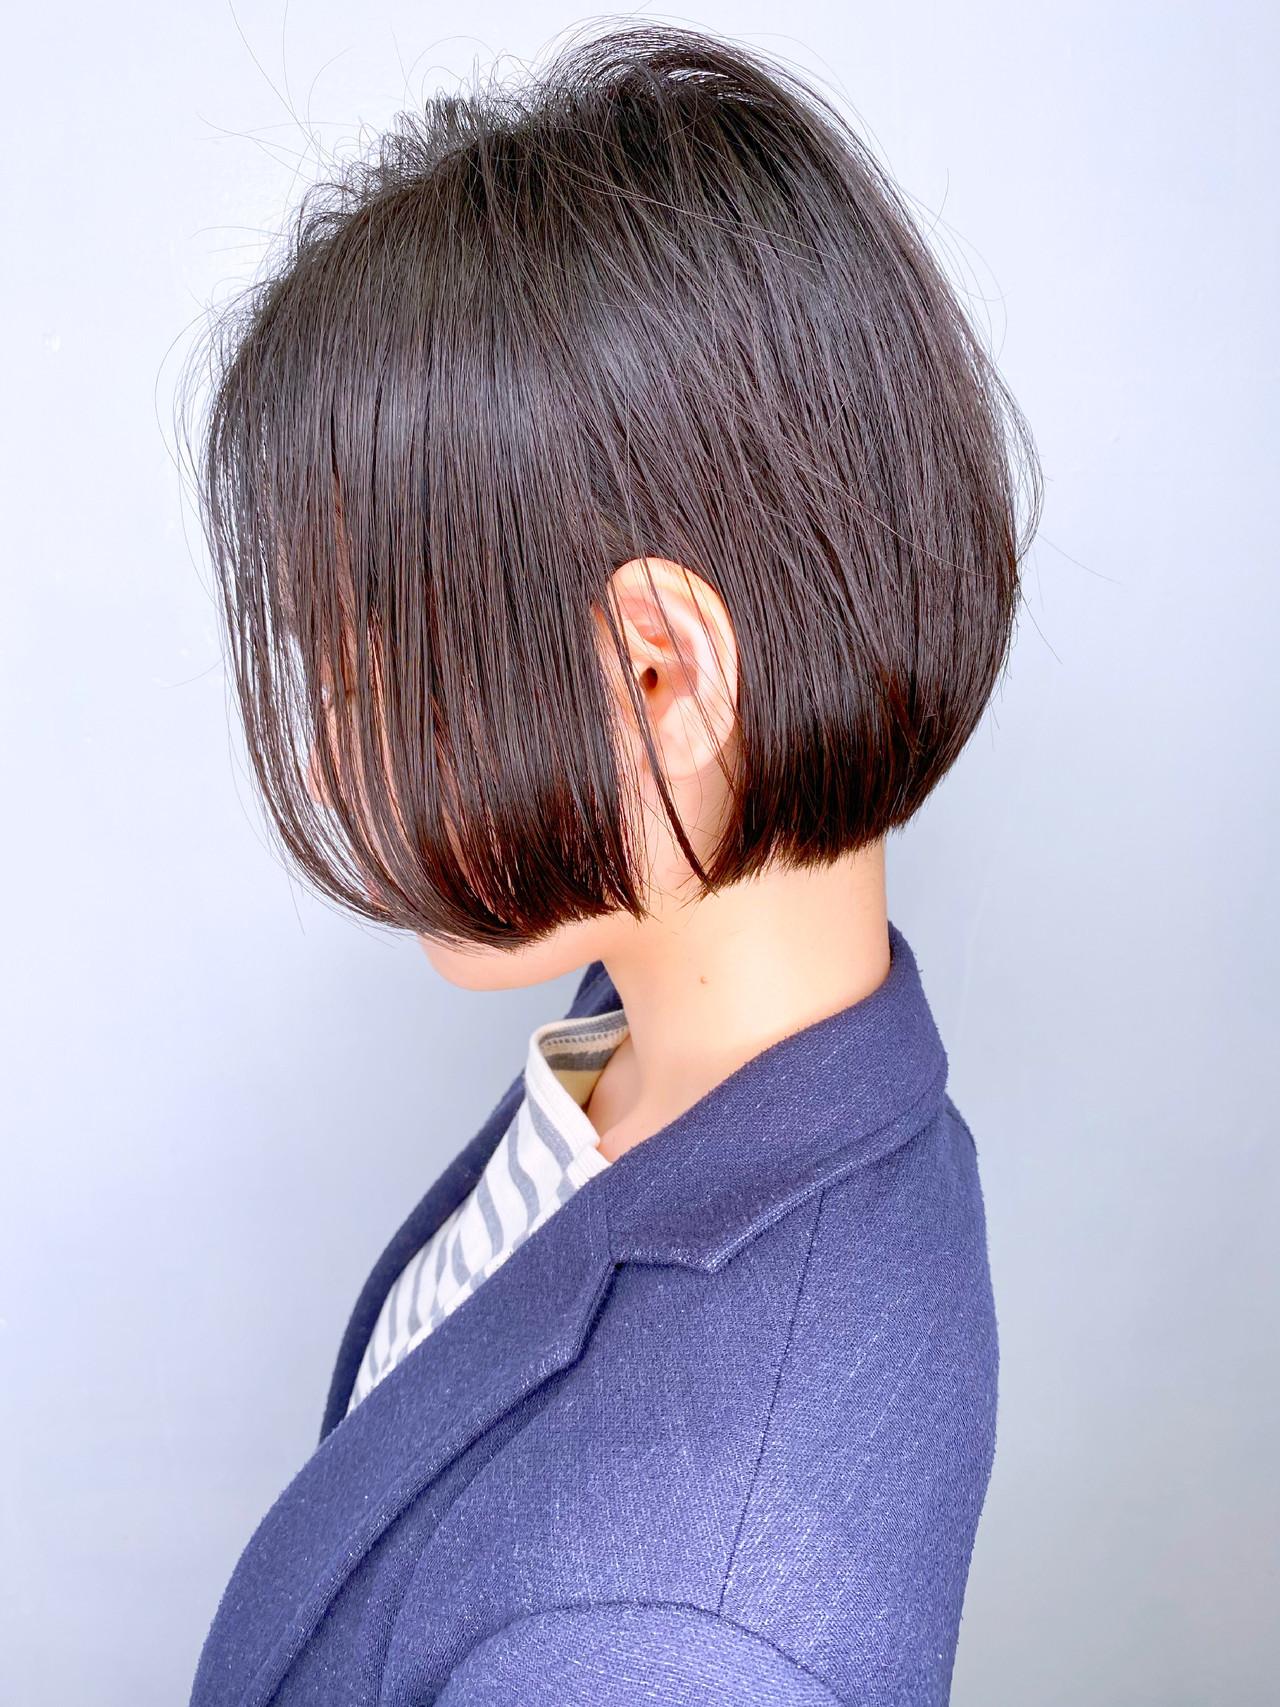 簡単スタイリング 大人かわいい ミニボブ 耳かけ ヘアスタイルや髪型の写真・画像 | 日平 海 / モリオフロムロンドン 池袋店